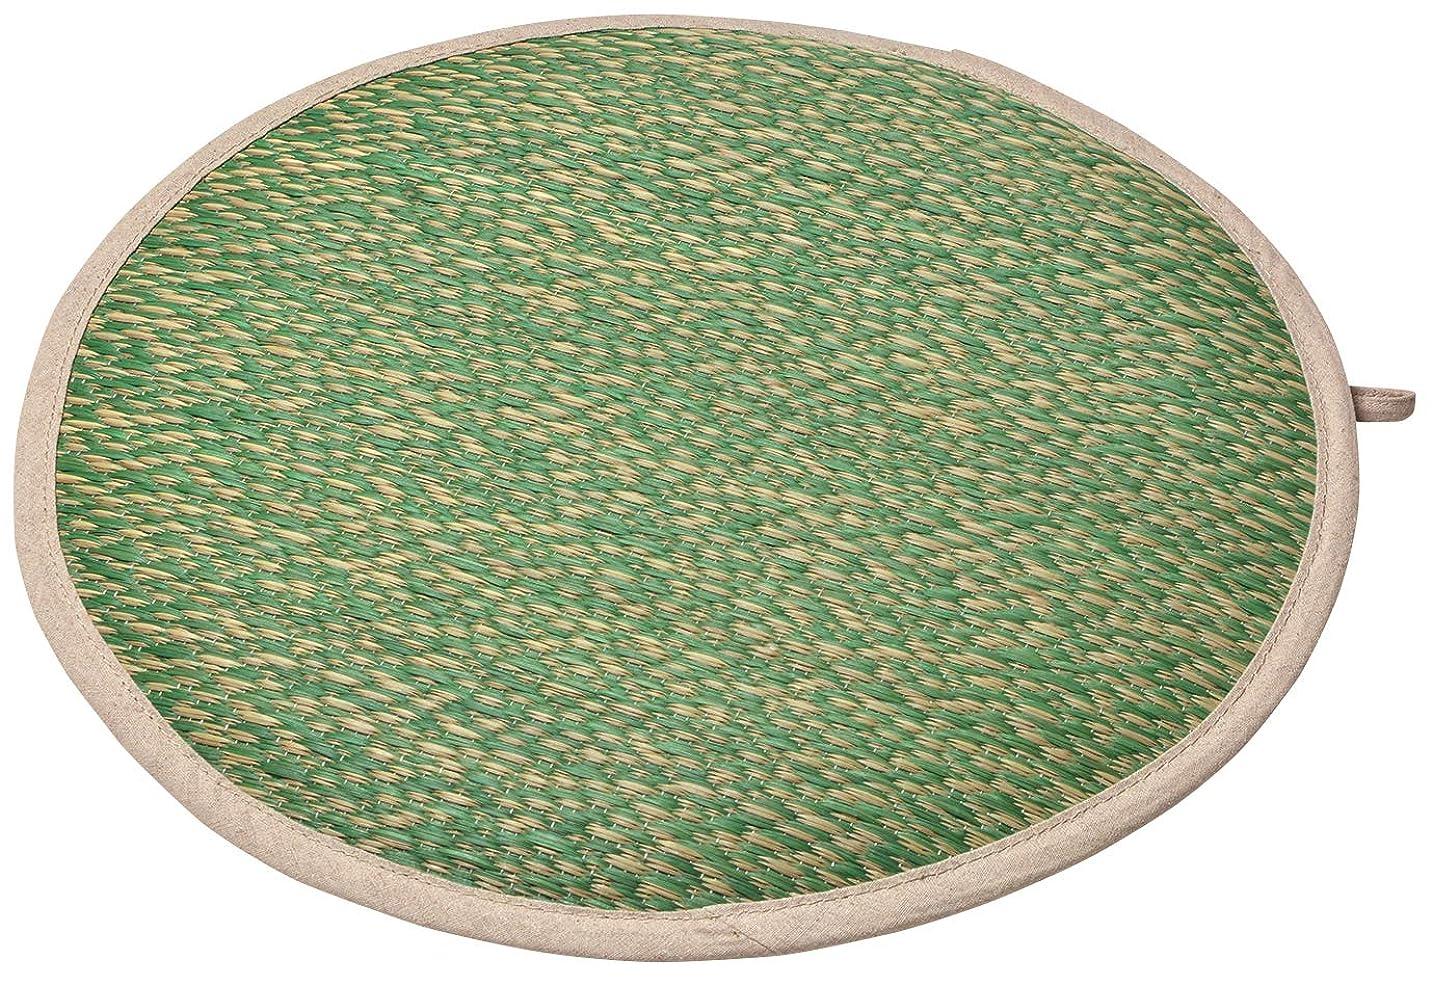 物理的な再開萩原 座布団 グリーン 直径約40×H2cm い草チェアパット 「シャイン」 81938725